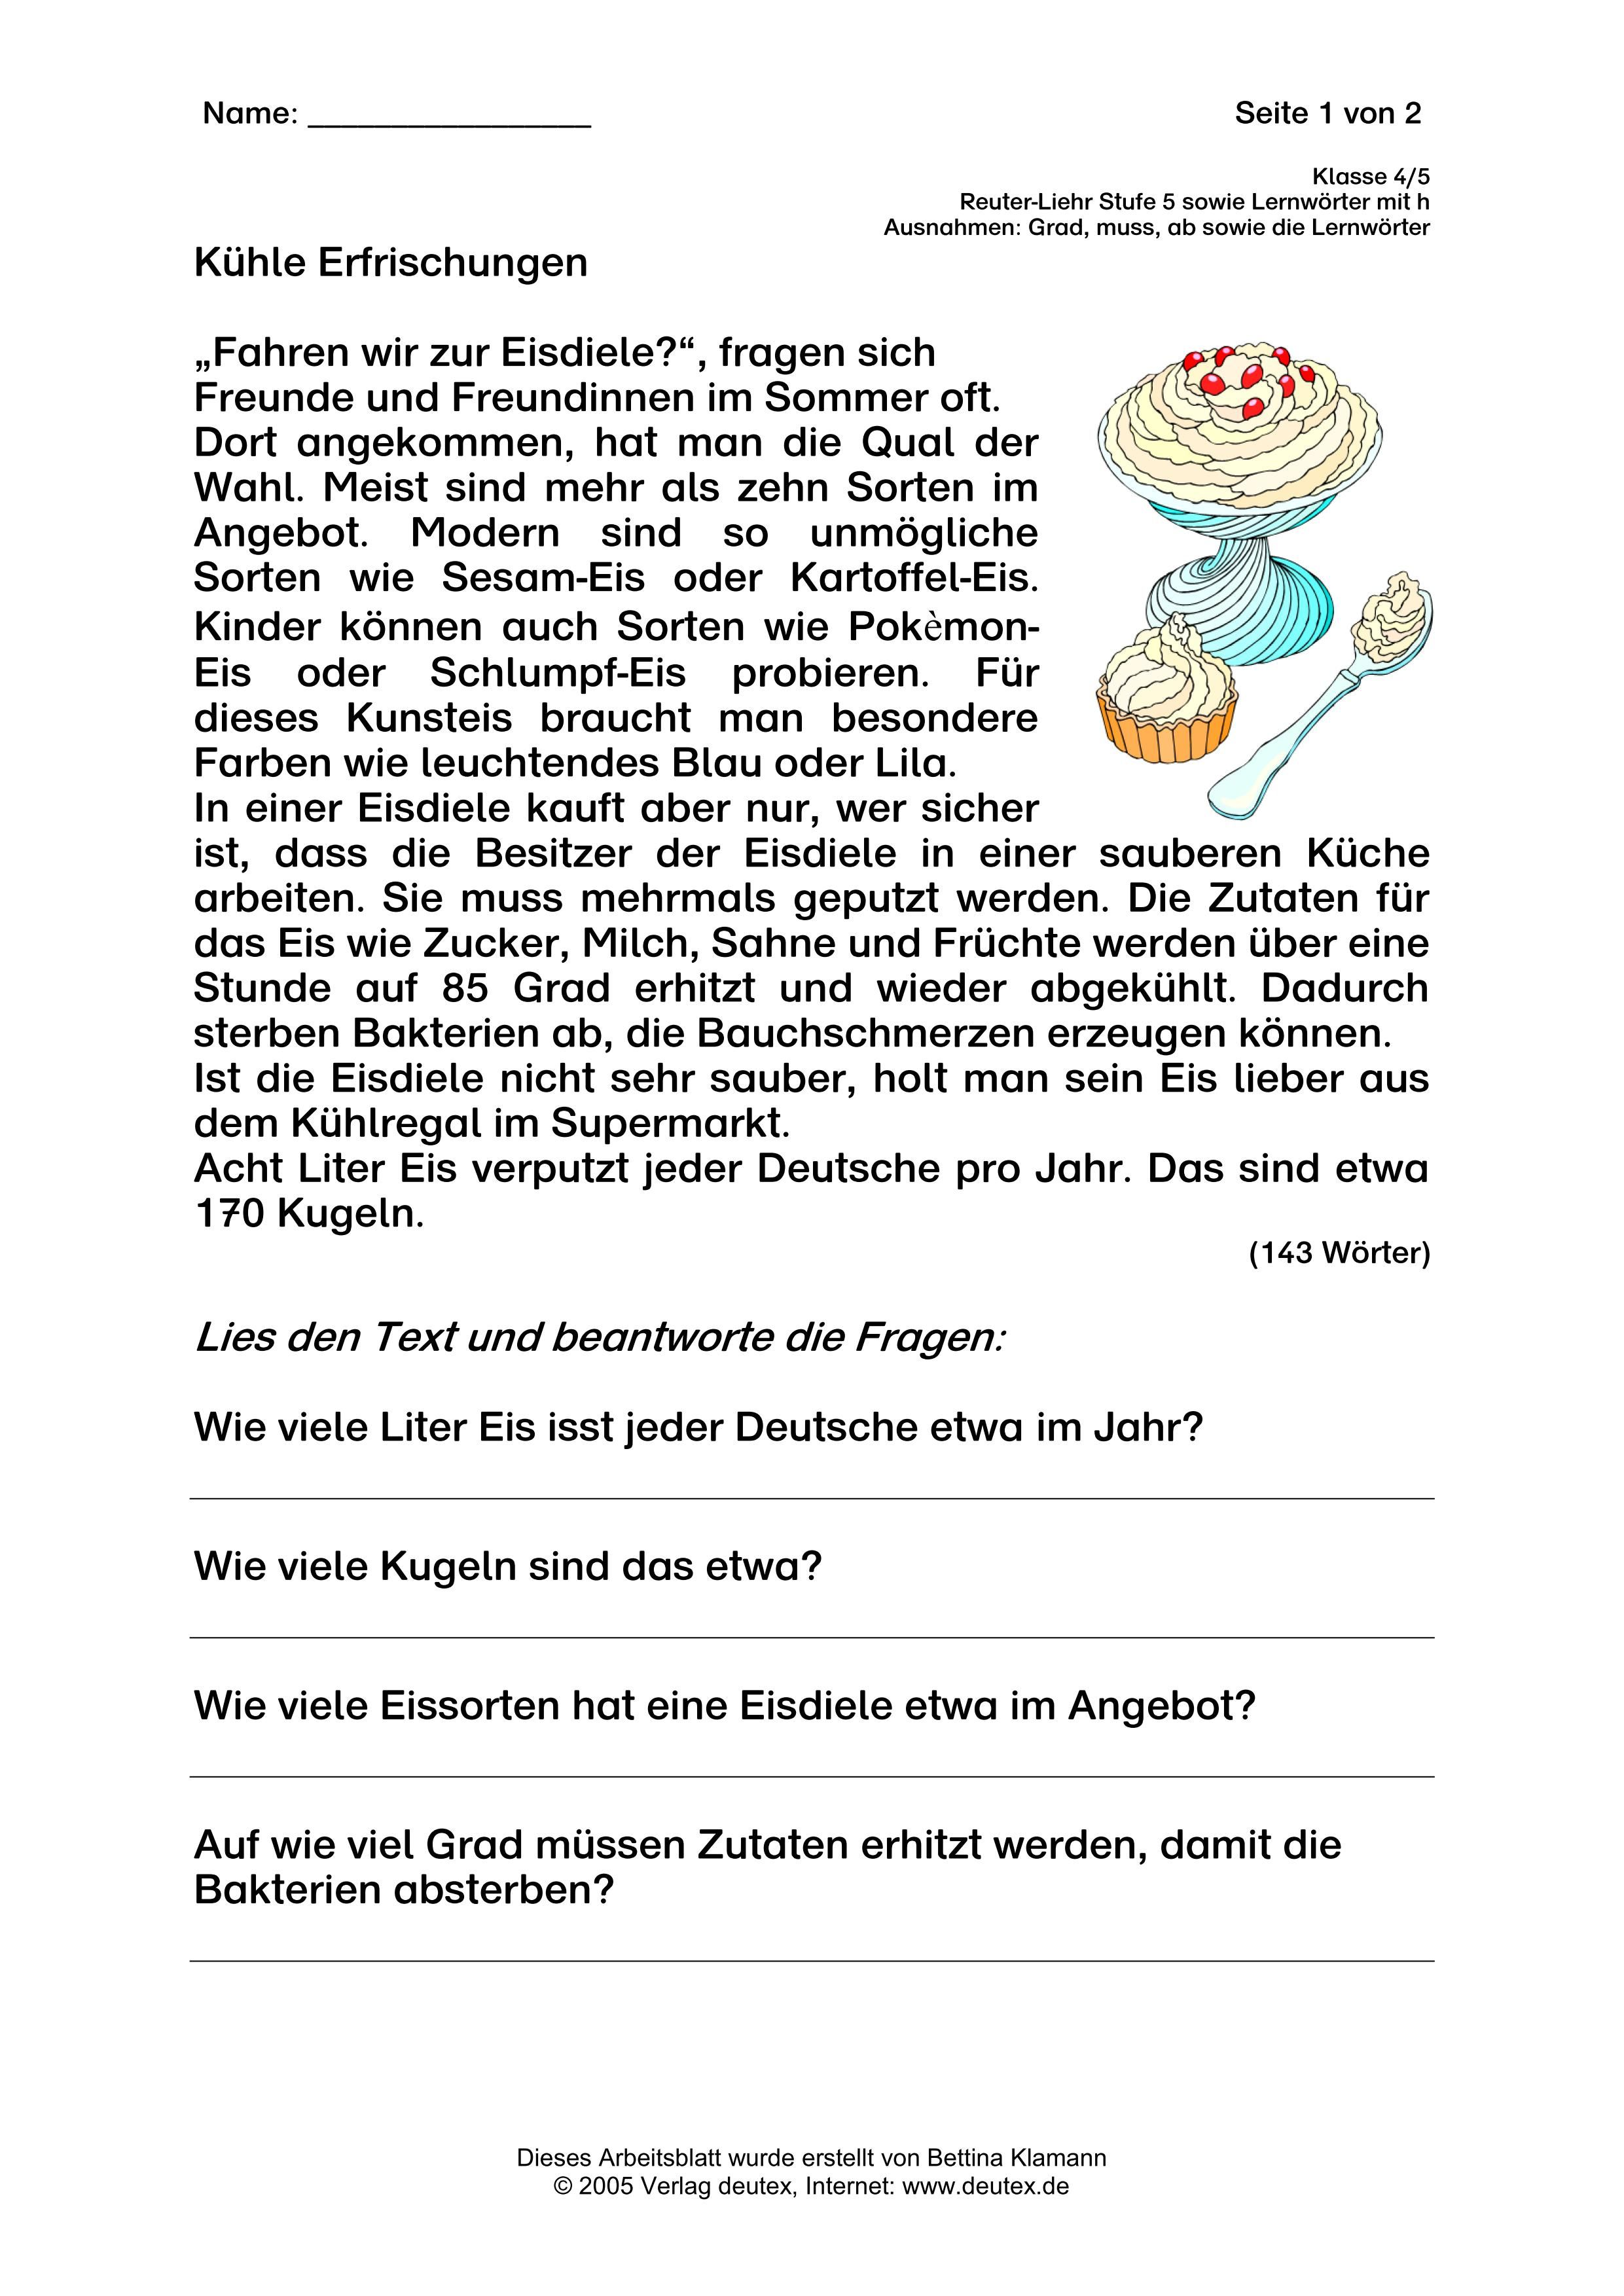 Thema (Speise-) Eis, Klasse 4/5 (Ruter-Liehr Stufe 5) – Deutsch in ...